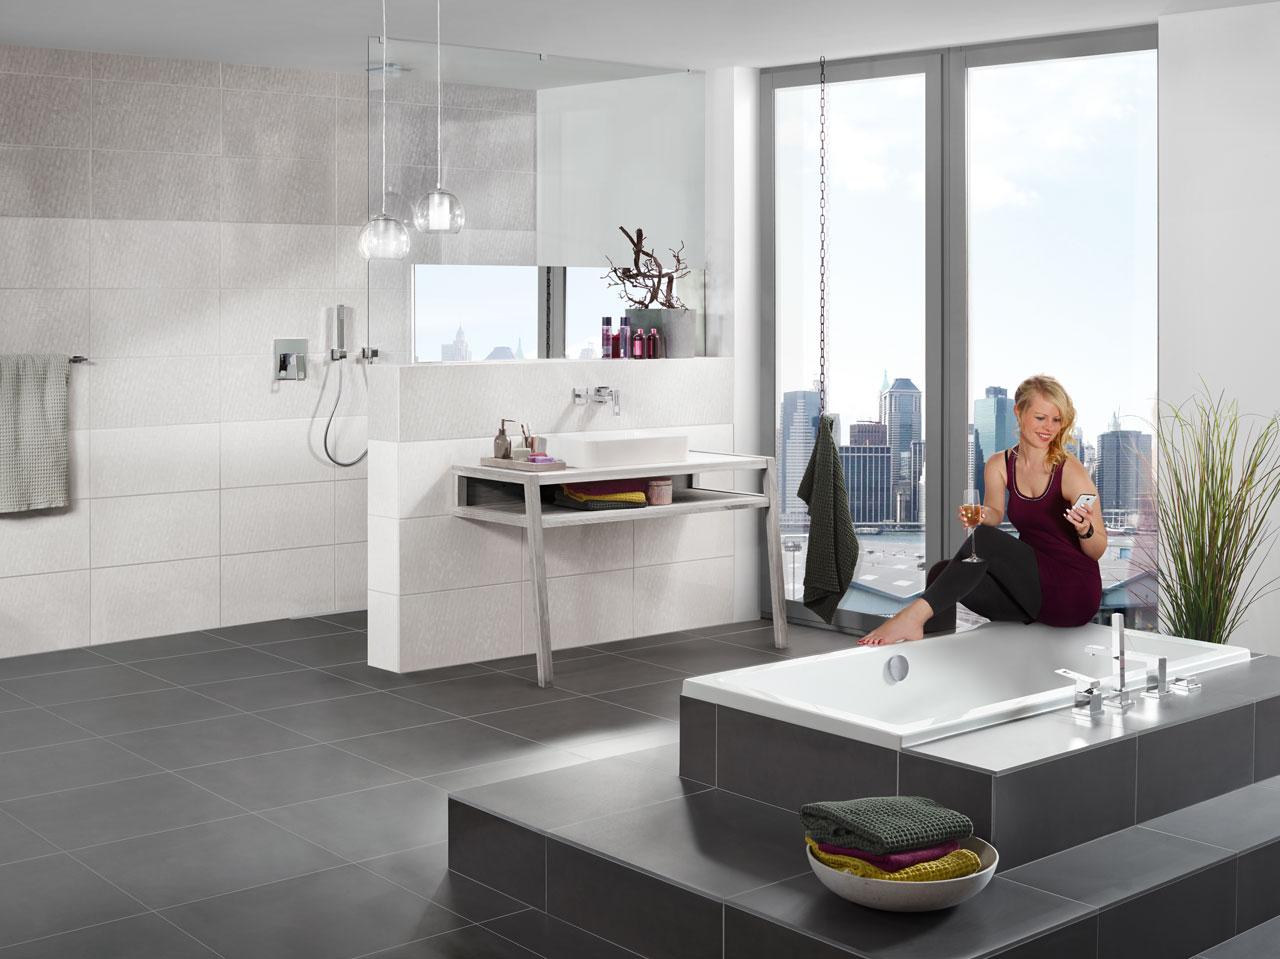 Farbgestaltung Bad Grau ~ Raum und Möbeldesign Inspiration